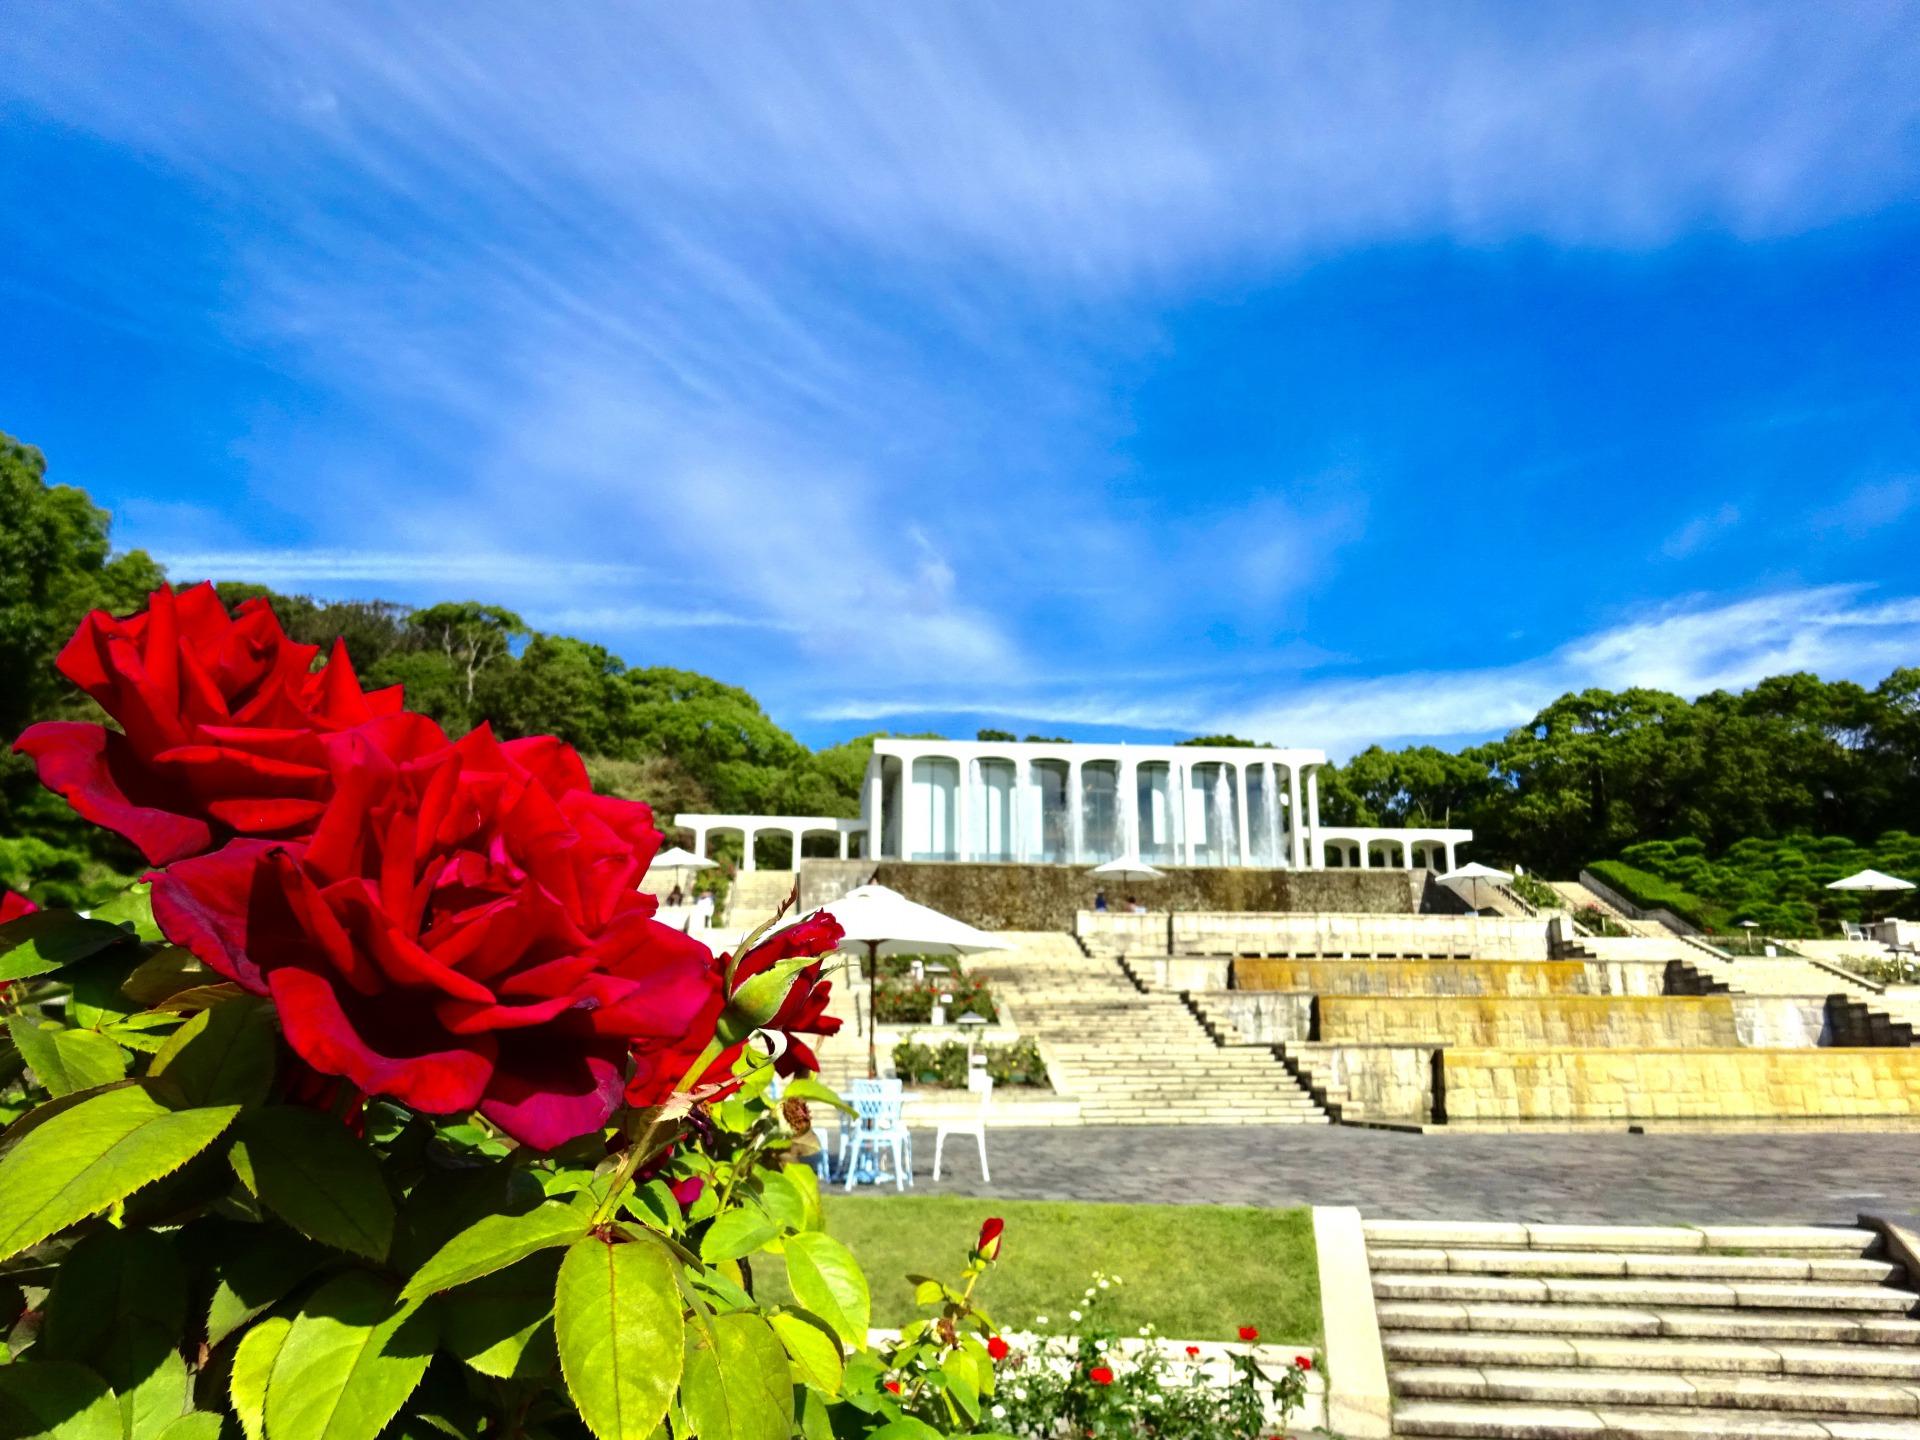 【開催中止】バラの咲き誇る須磨離宮公園と神戸迎賓館この日限りの特別ランチ